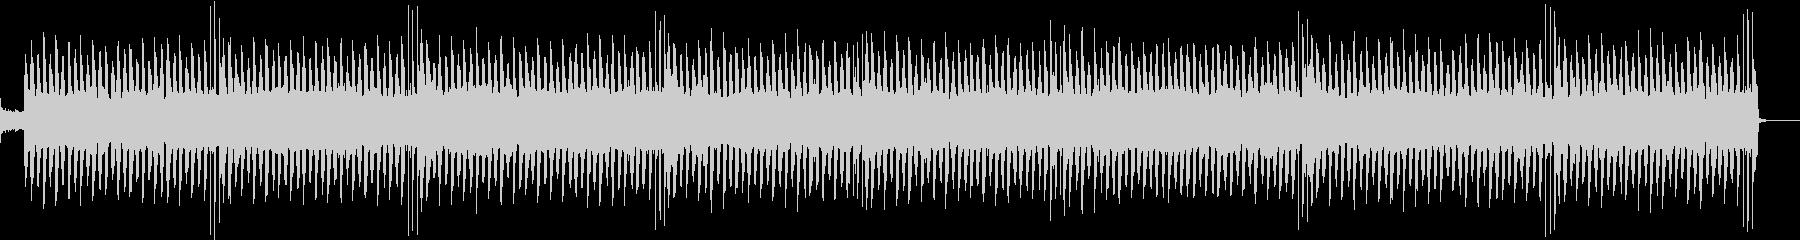 軽快なシンセサウンドのエレクトロポップ曲の未再生の波形